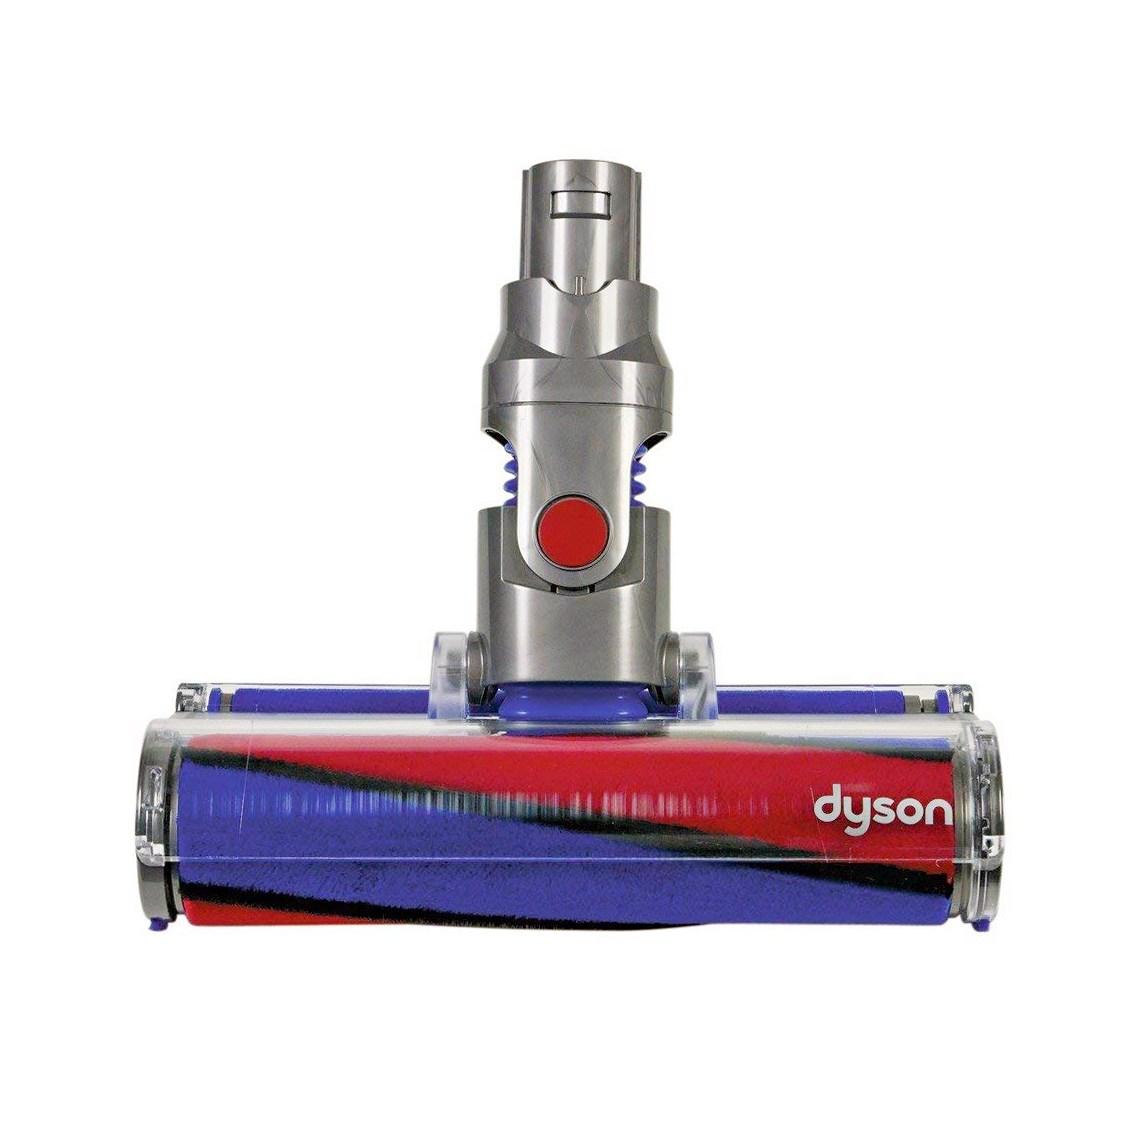 다이슨 정품 미국용 V6 앱솔루트 부품 청소 툴, 1개, 소프트 롤러